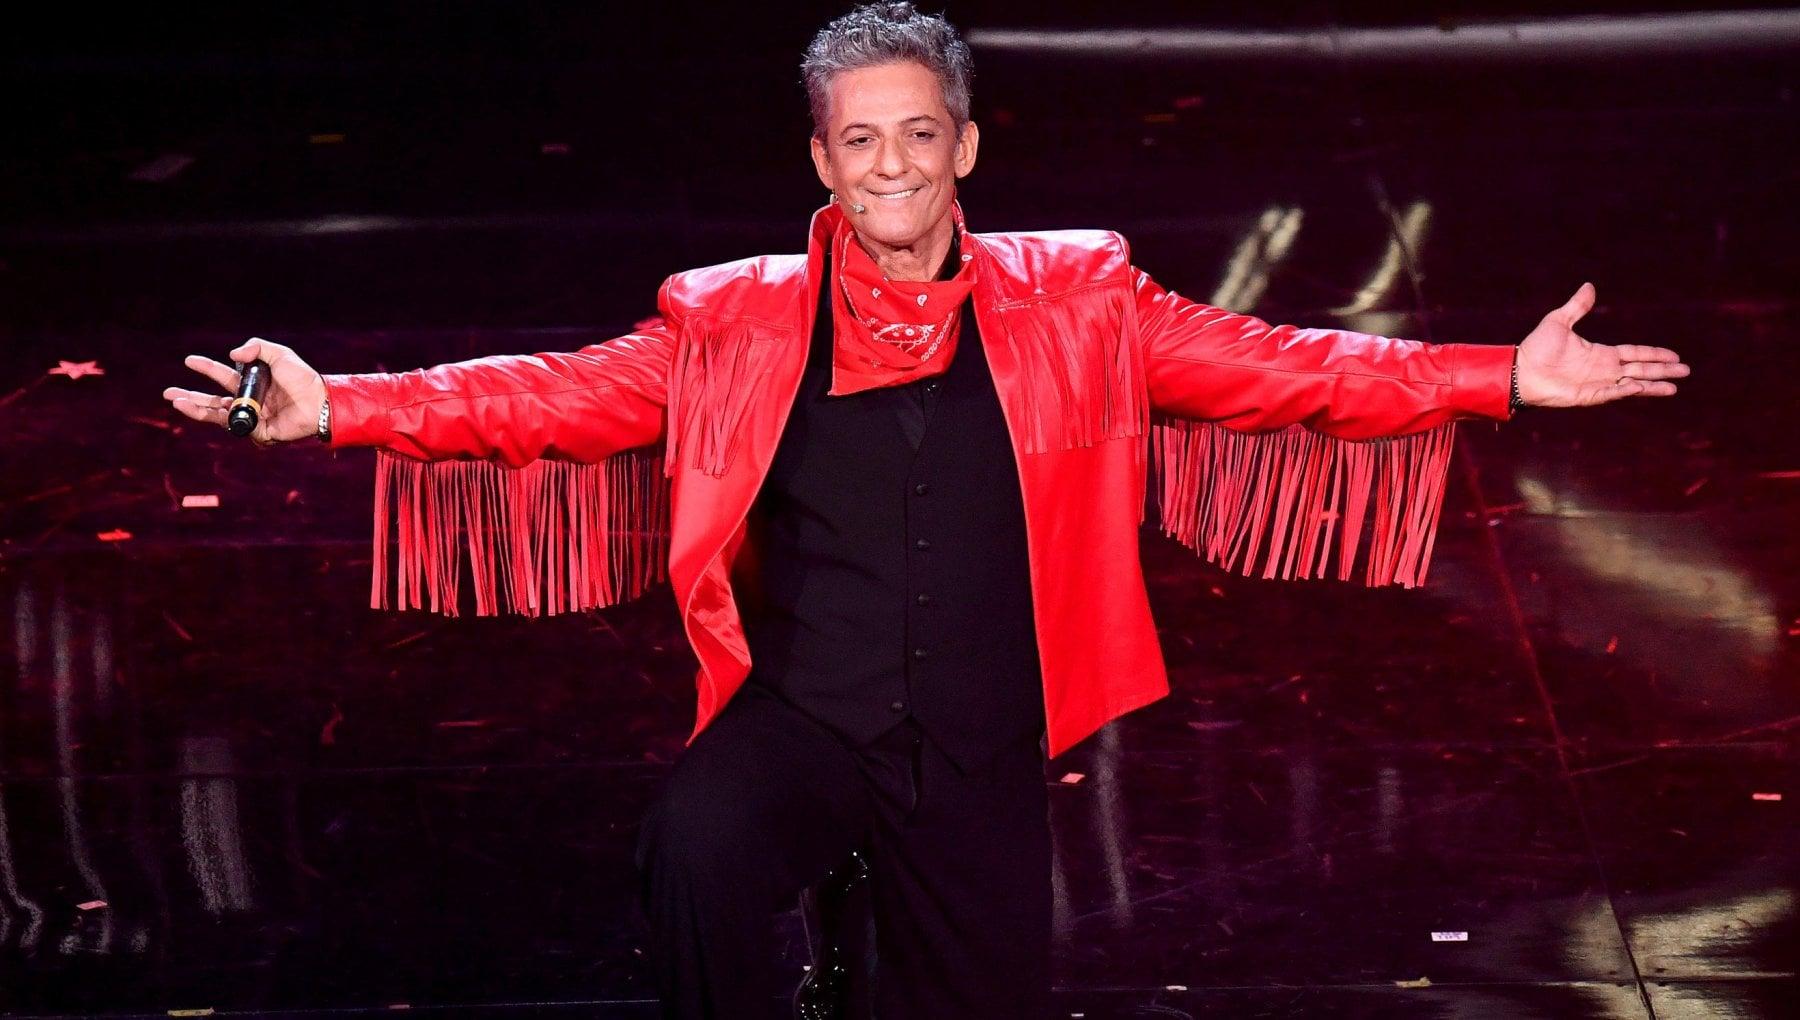 Sanremo 2021, l'omaggio di Fiorello a Little Tony - la Repubblica